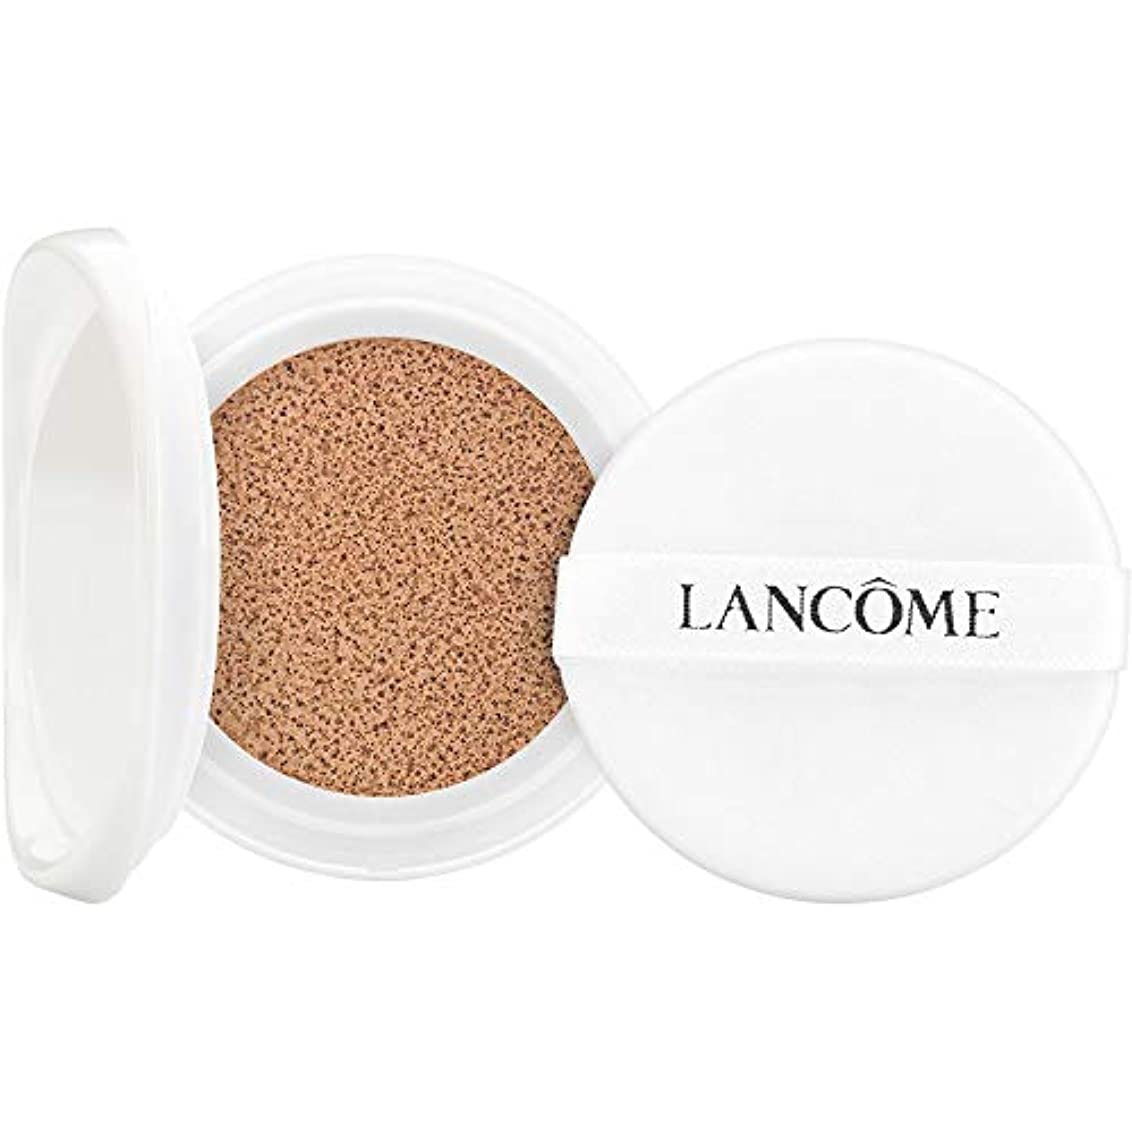 ノベルティミットスキム[Lanc?me] ランコムの奇跡クッション液体クッションコンパクトSpf23 - リフィル14グラム035 - ベージュDore - Lancome Miracle Cushion Liquid Cushion Compact...